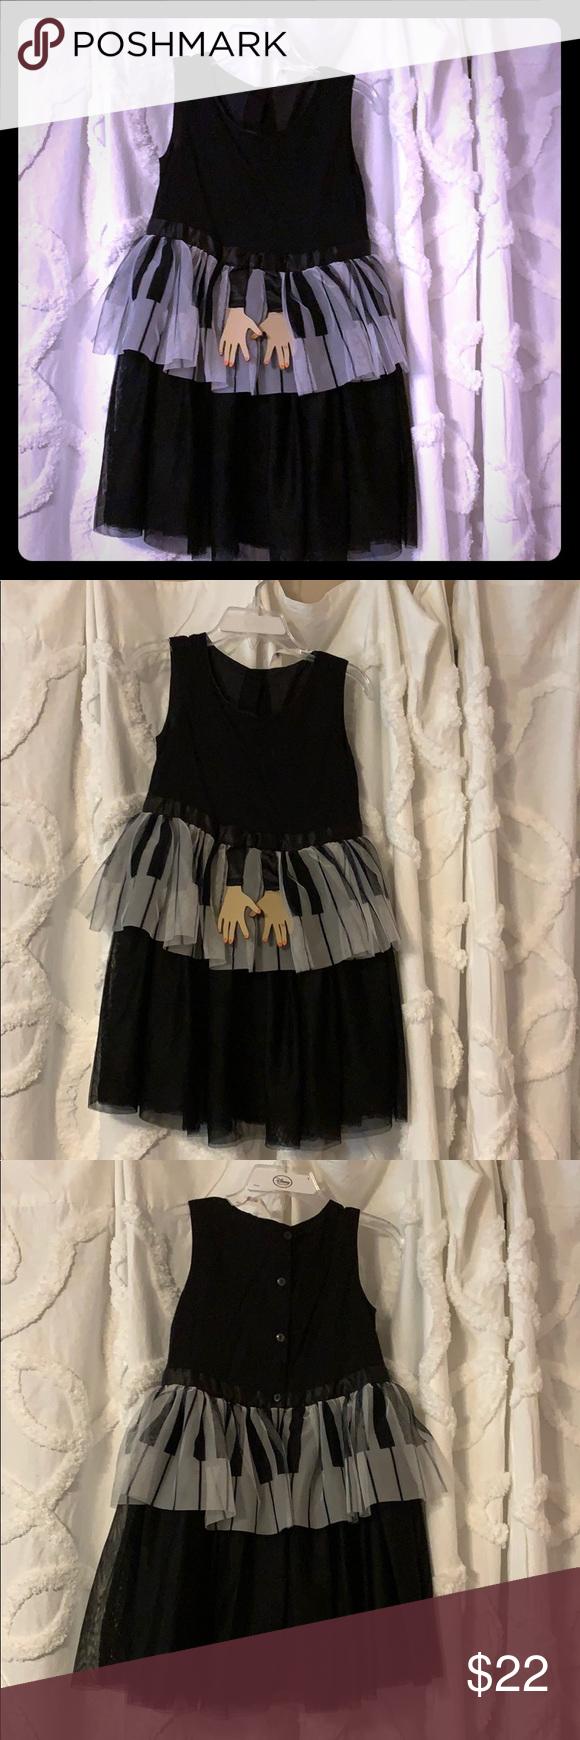 H M Girls Piano Dress 3t 4t Leather Accent 3t Dress Classic Black Dress Kids Dresses [ 1740 x 580 Pixel ]